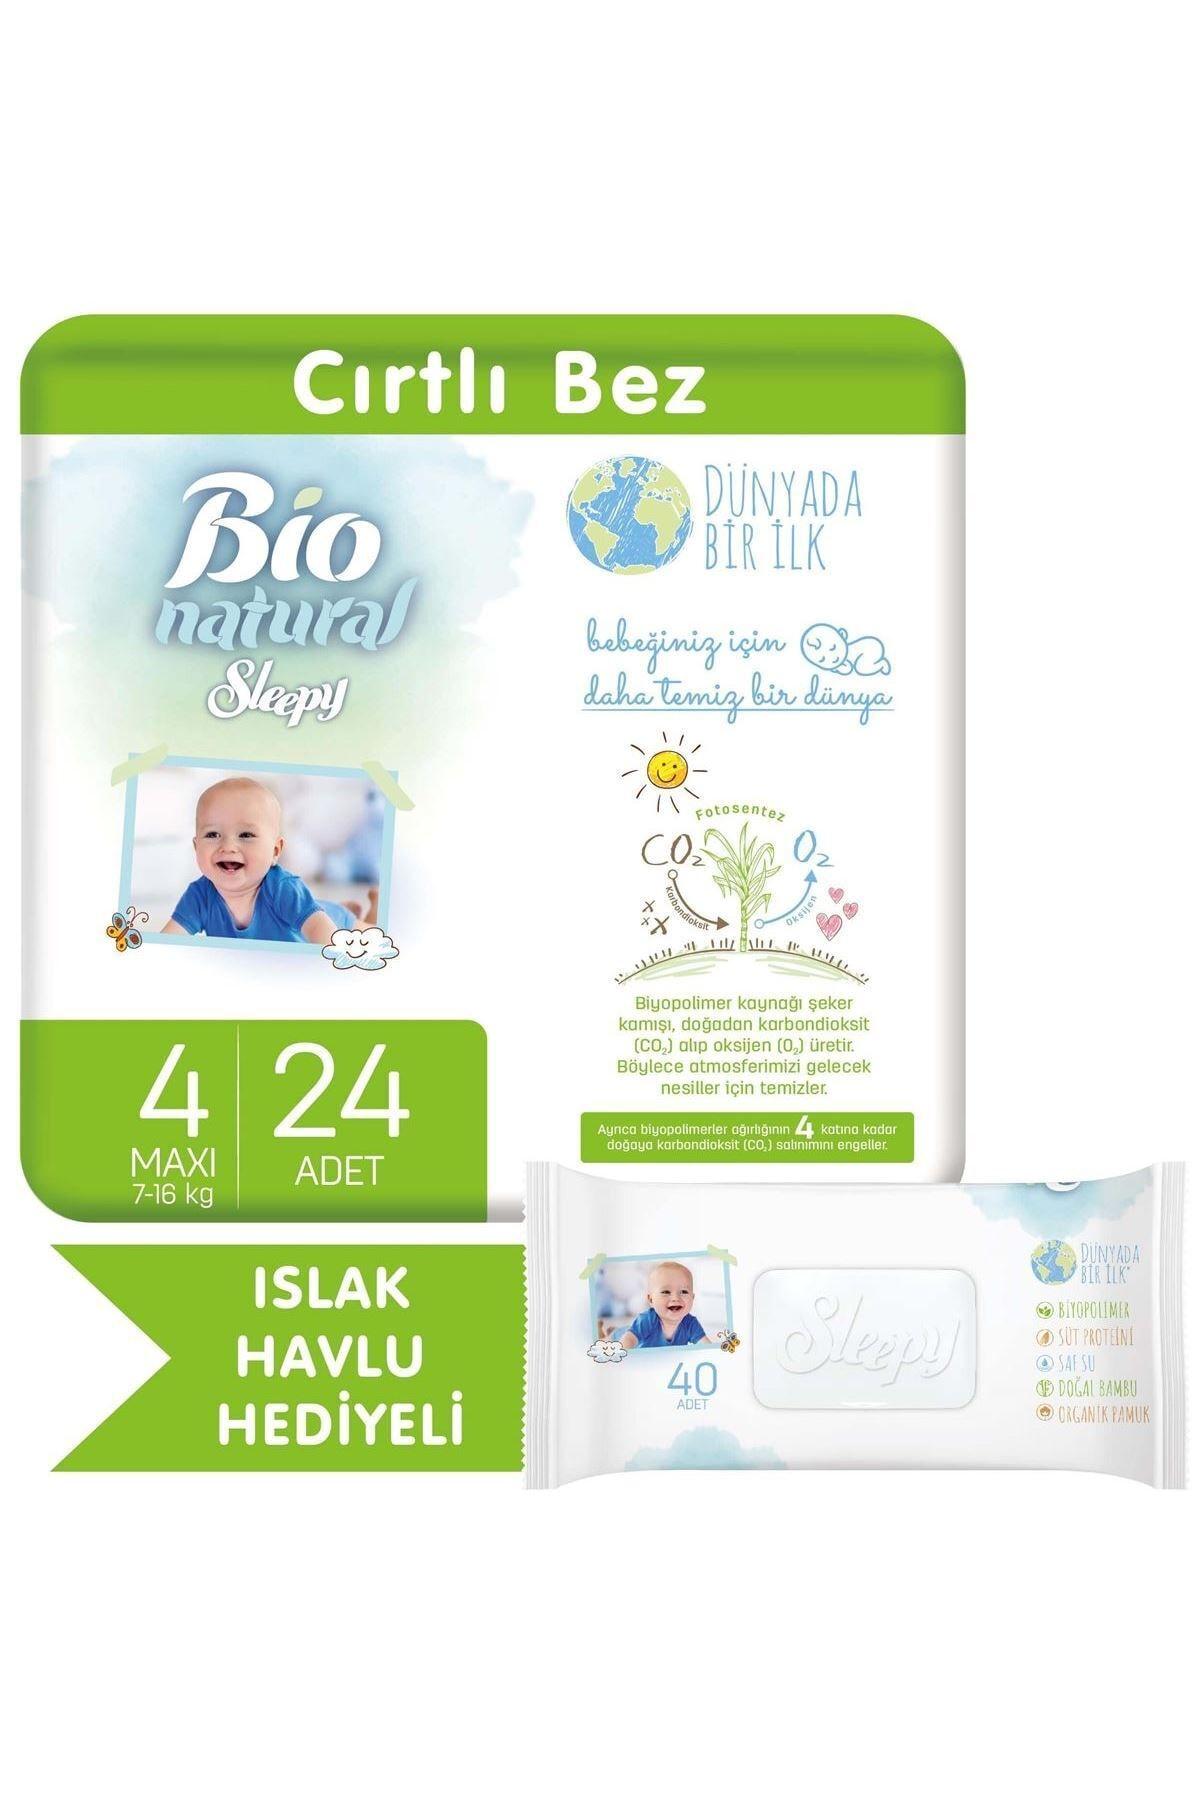 Sleepy Bio Natural Bebek Bezi 4 Numara Maxi 24 Adet + Bio Natural Islak Havlu Hediyeli 1